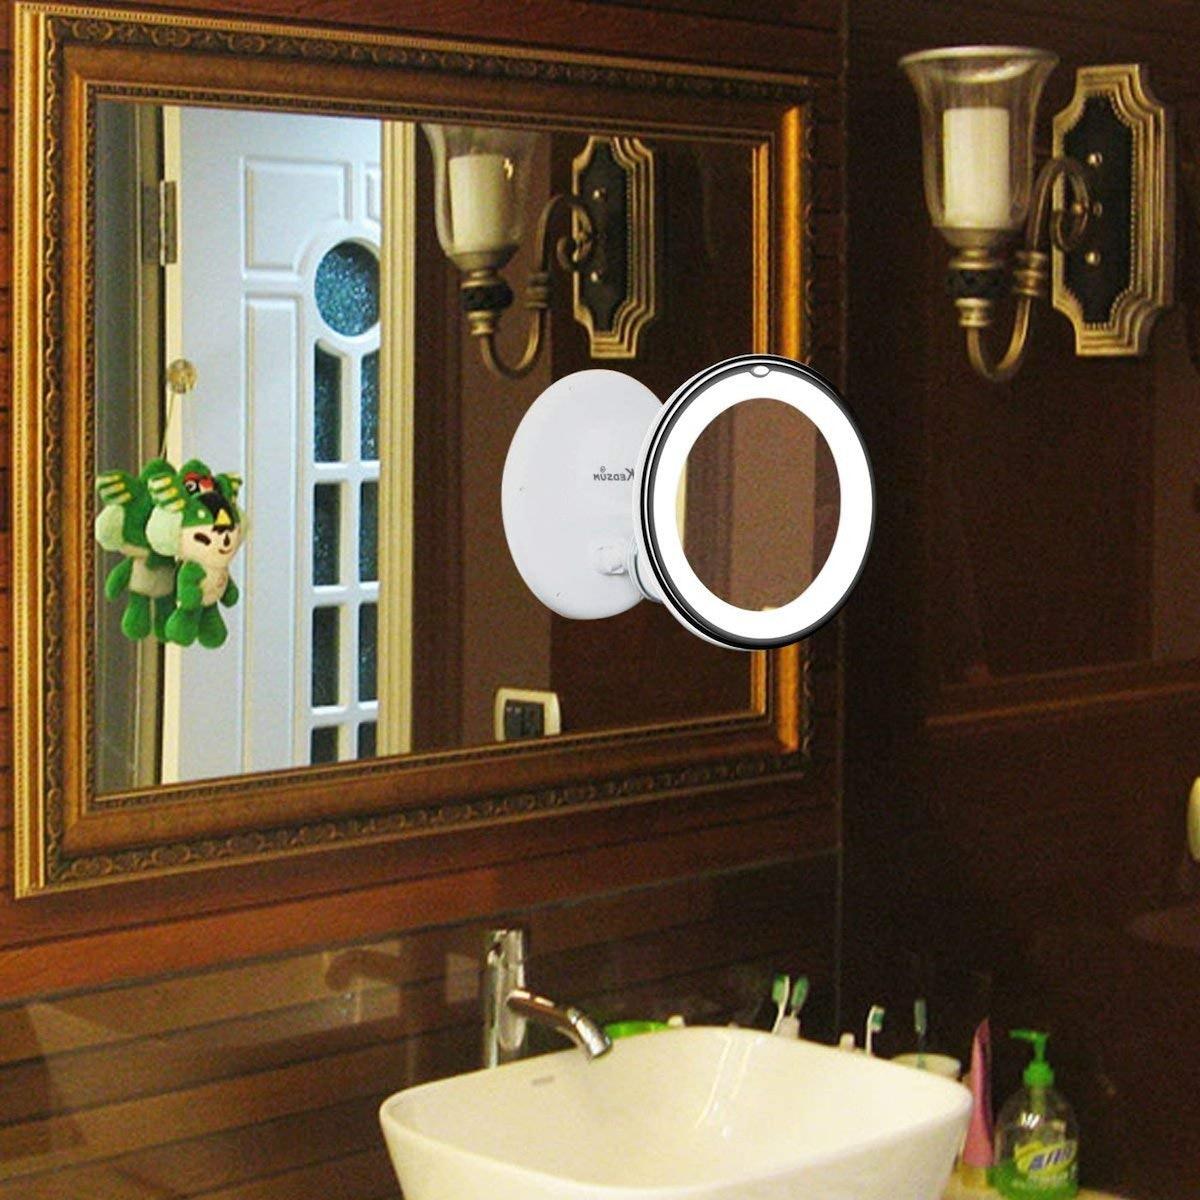 KEDSUM Magnifying LED Makeup Mirror